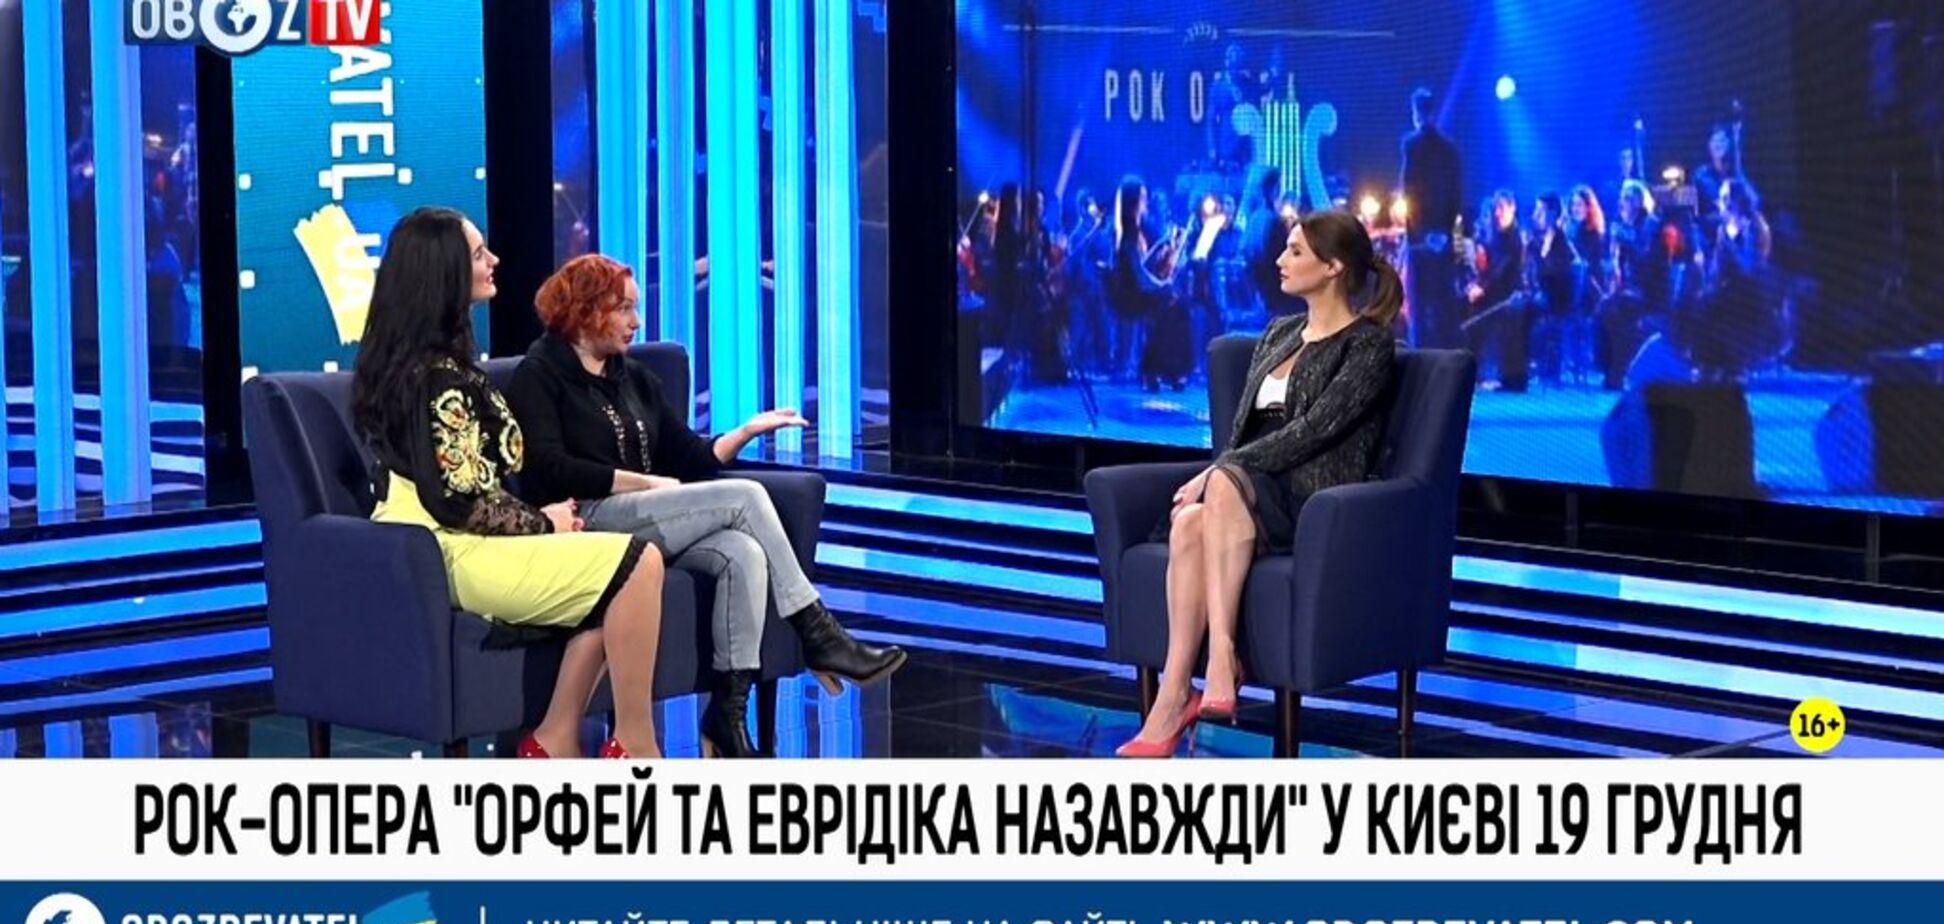 Звездам тут не место: продюсеры рок-оперы 'Орфей и Эвридика навсегда' рассказали, кого они не видеят в своем шоу